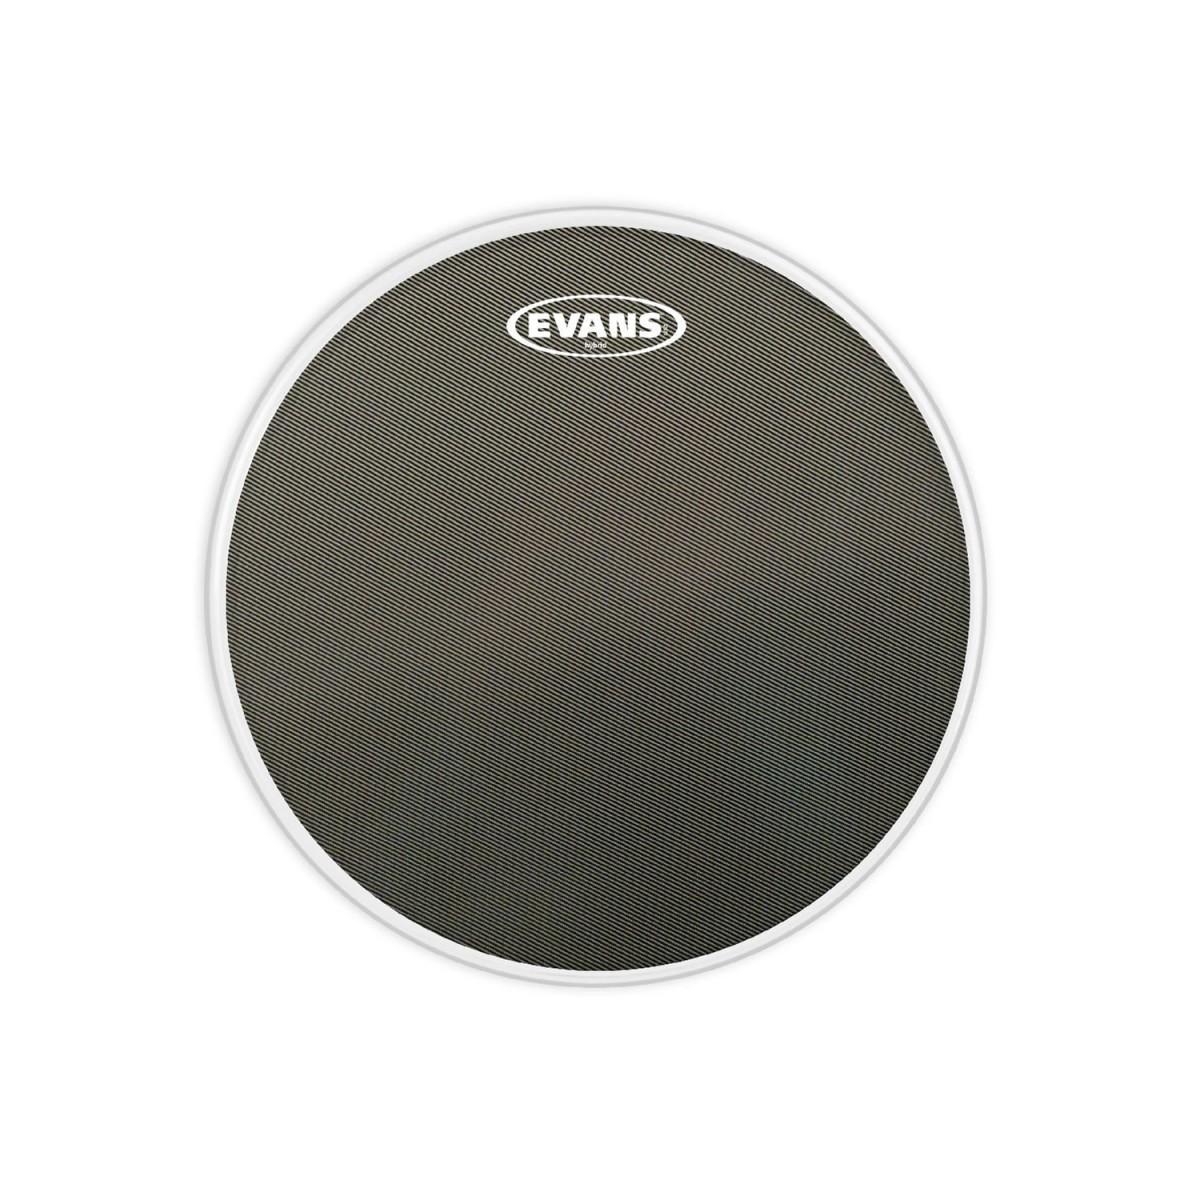 evans b14mhg hybrid coated snare batter drum head skin 14. Black Bedroom Furniture Sets. Home Design Ideas